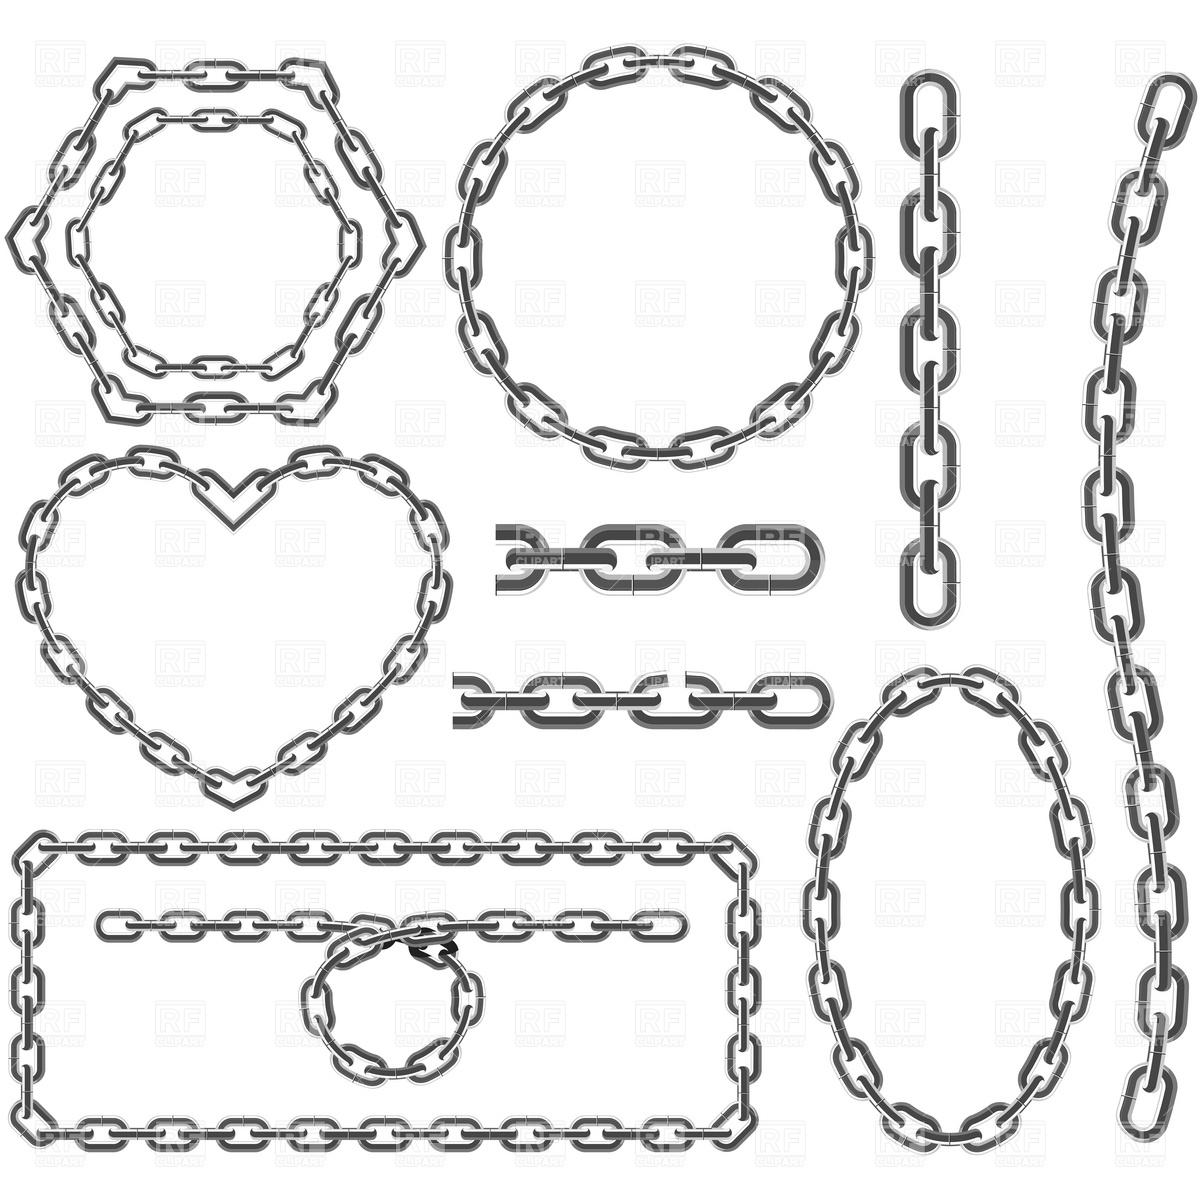 1200x1200 Chain Link Circle Clipart